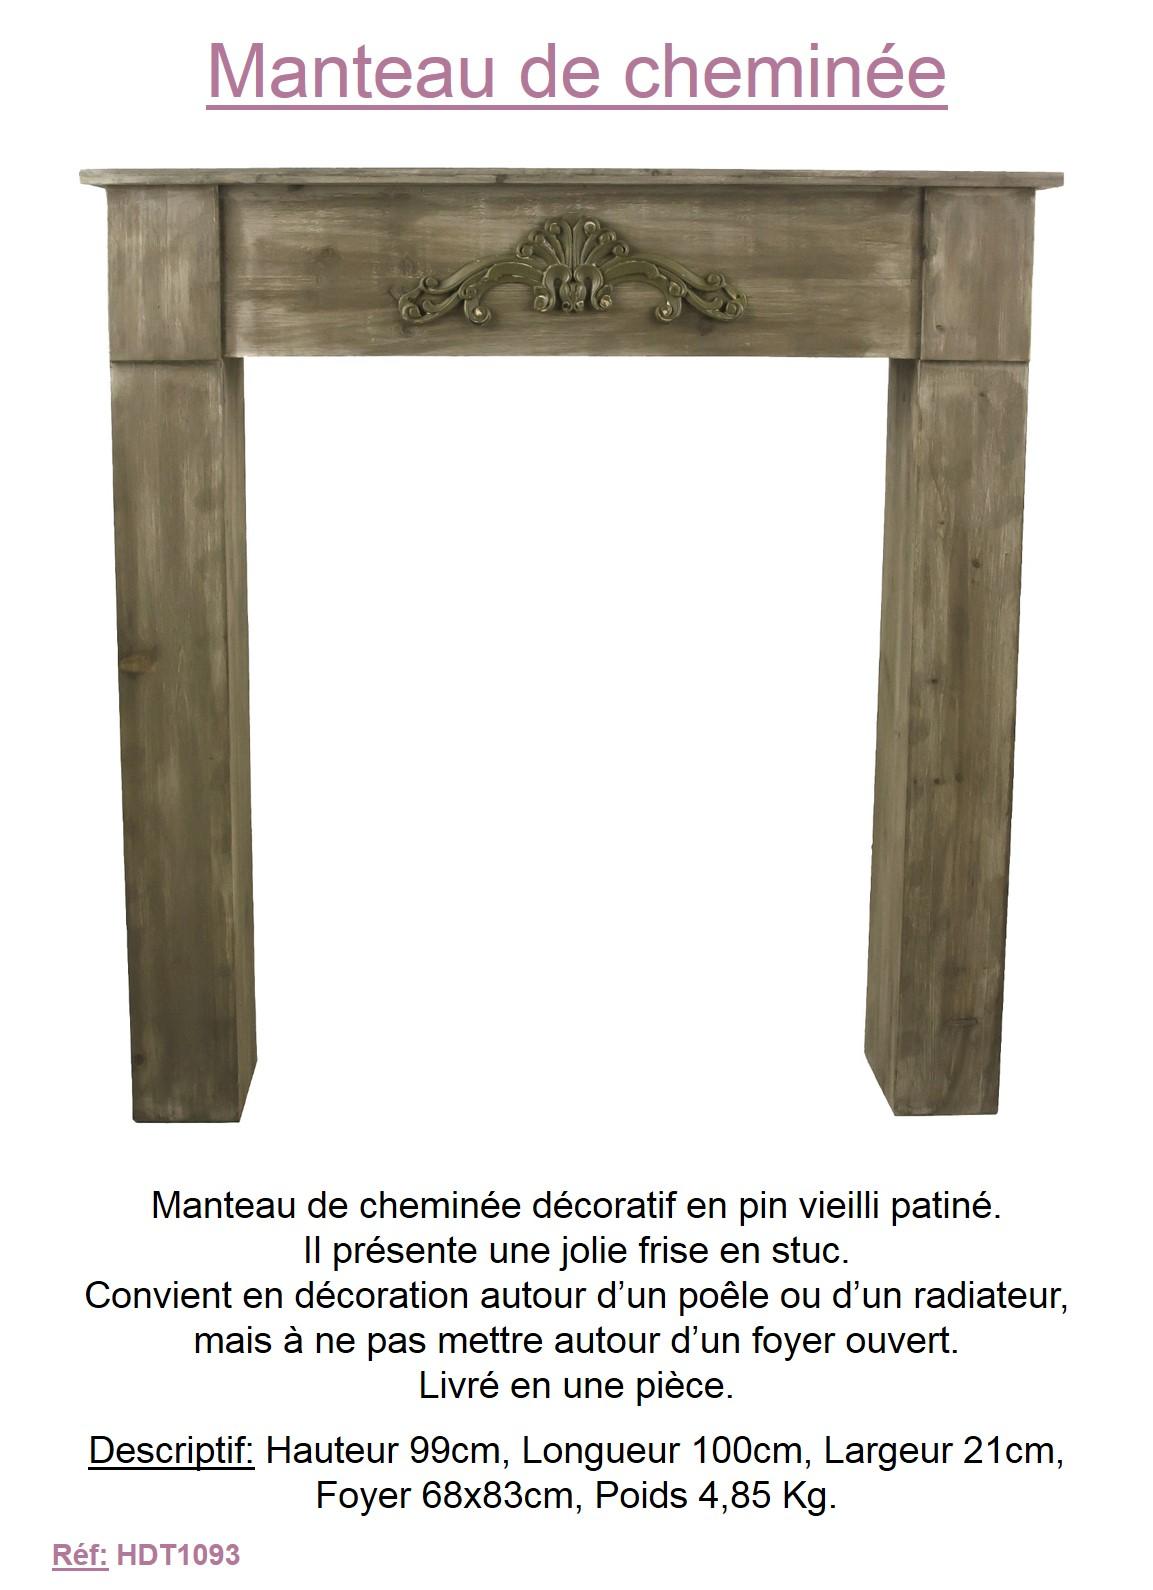 Manteau de cheminee facade decorative poel a bois a - Manteau cheminee decorative ...